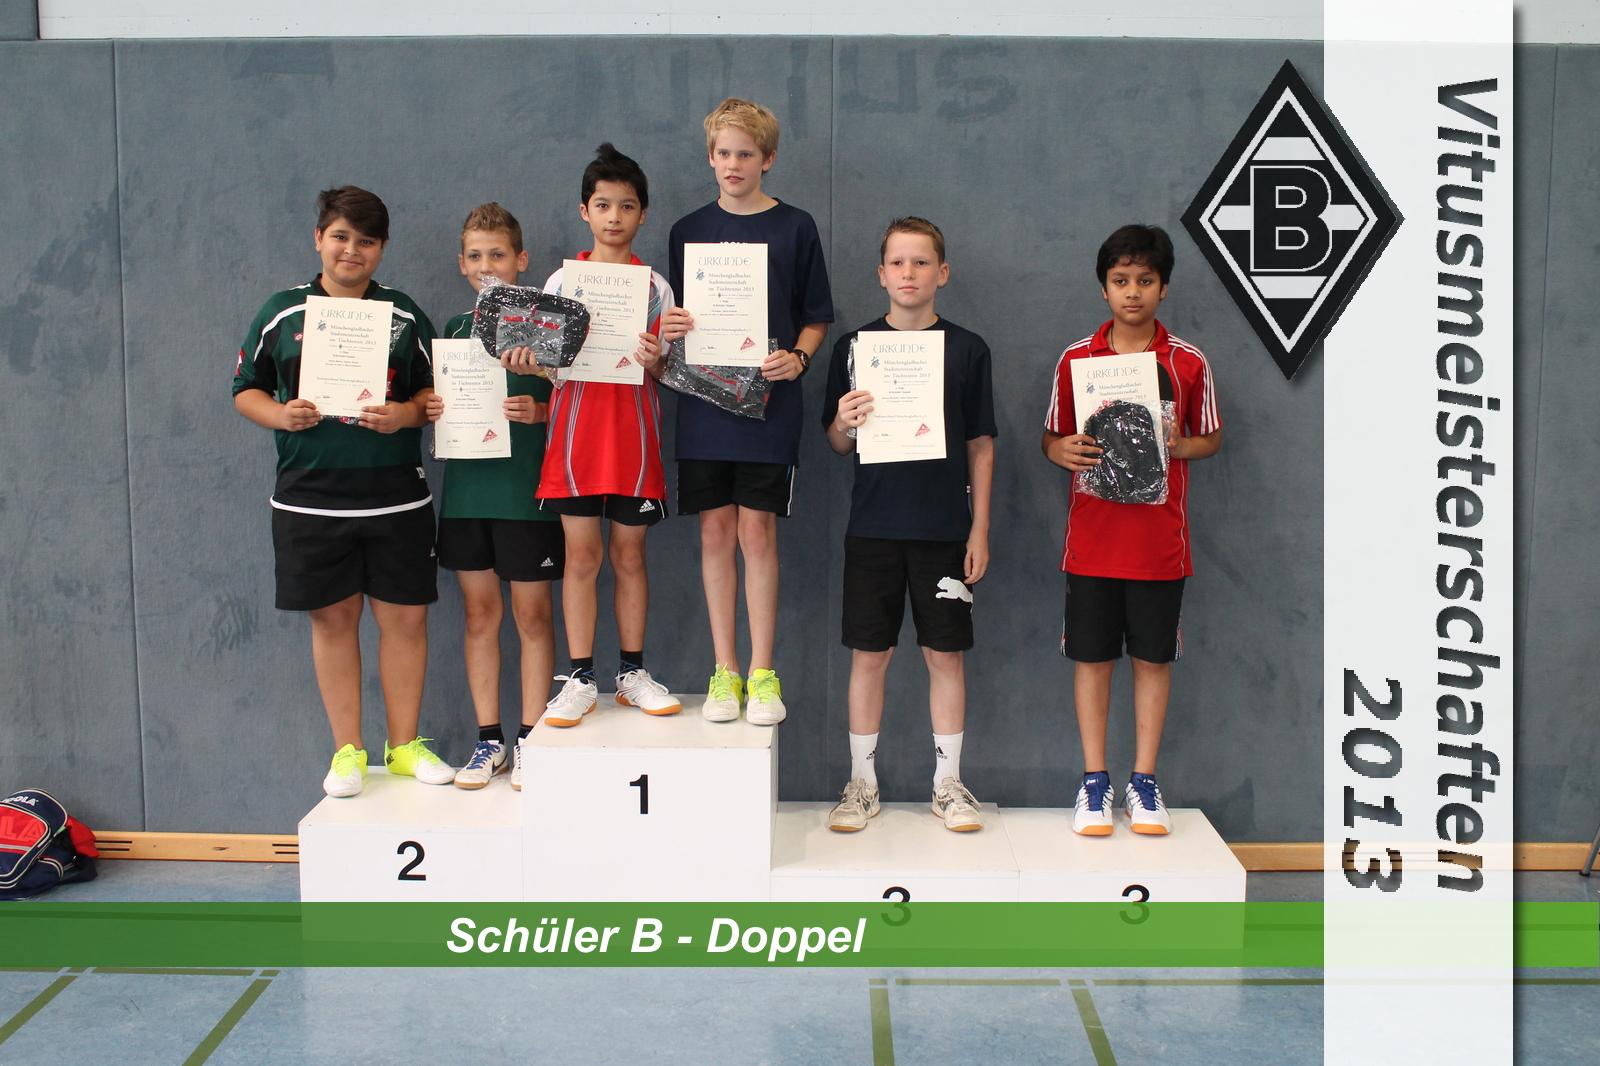 B-Schueler-Doppel